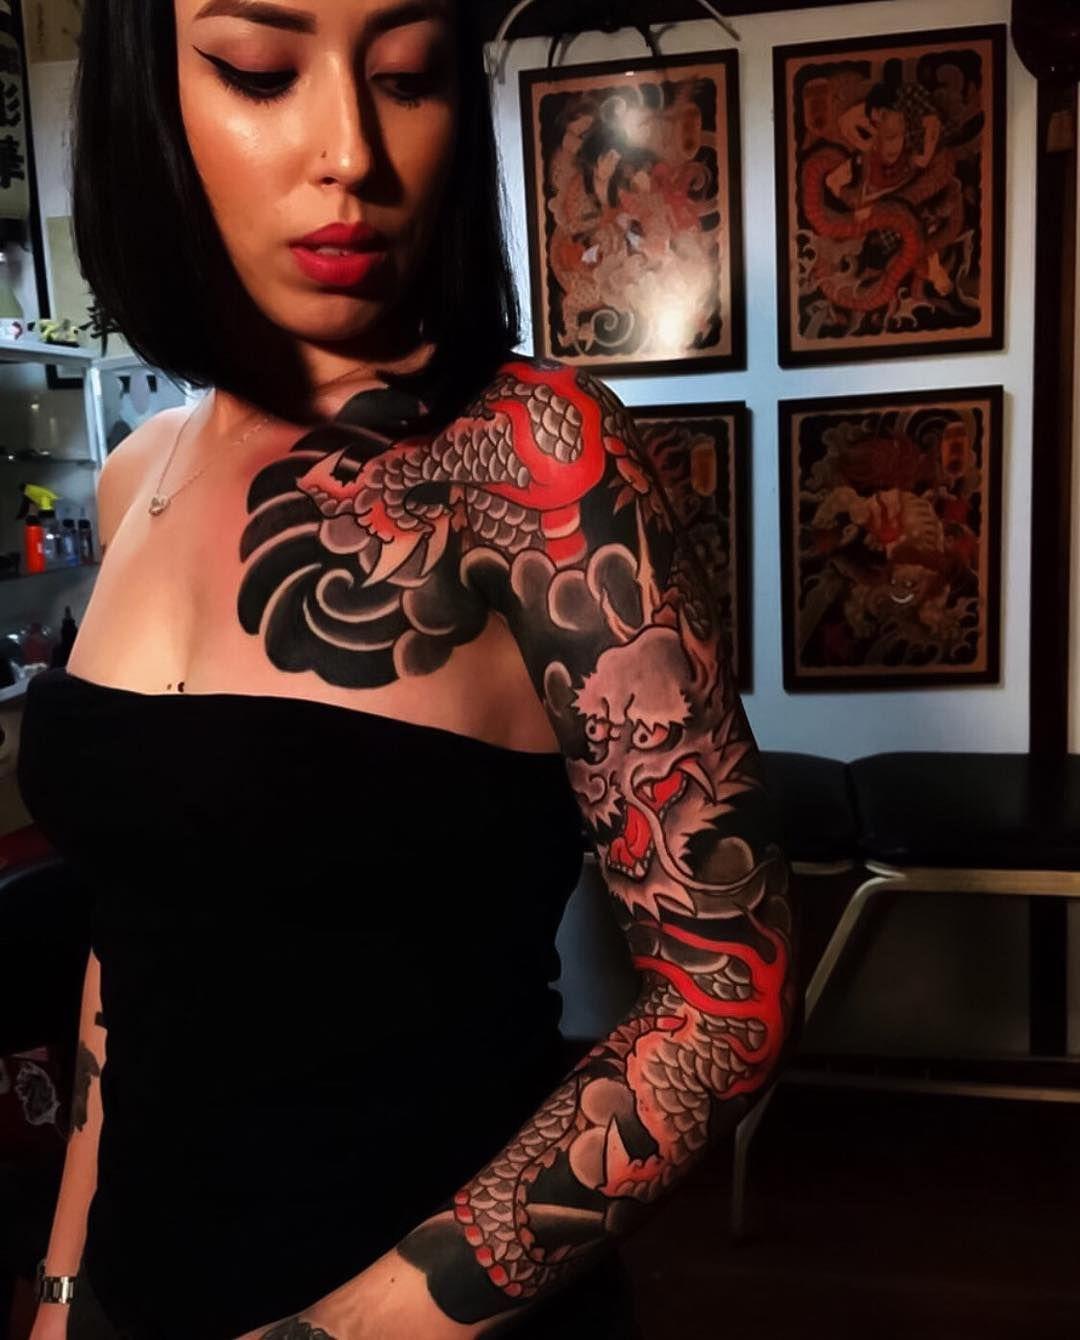 Japanese Ink On Instagram Japanese Tattoo Sleeve By Horihana Japaneseink Japaneset Japanese Tattoo Women Japanese Sleeve Tattoos Sleeve Tattoos For Women